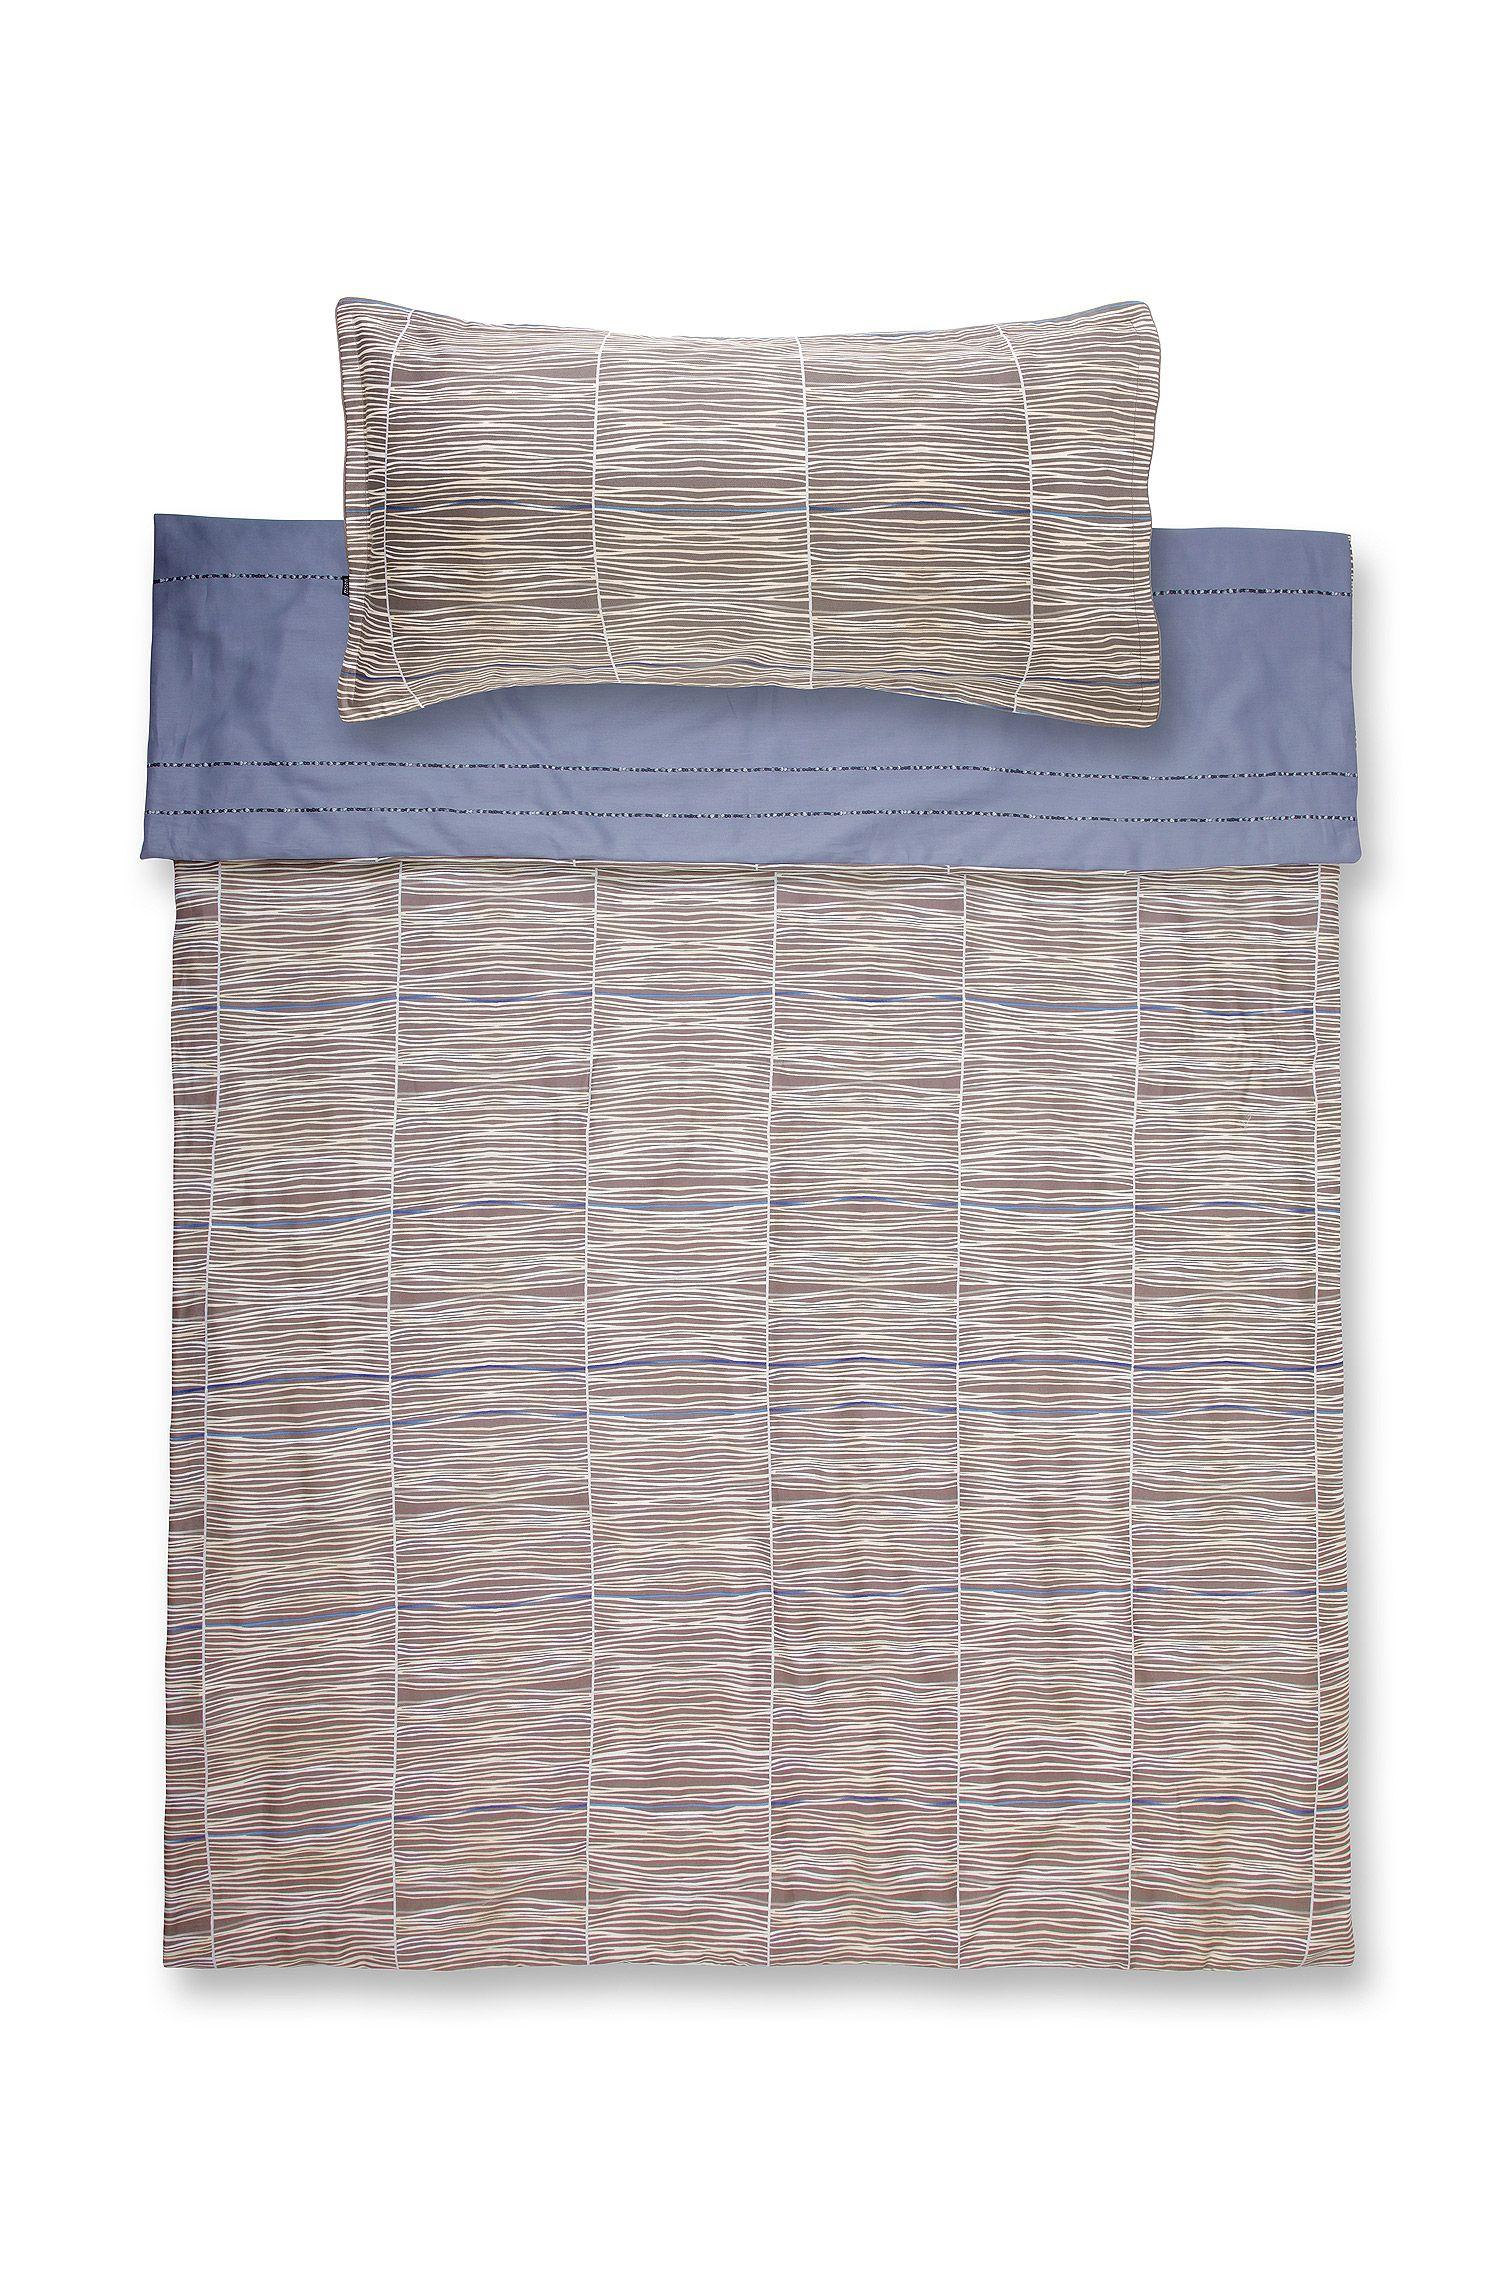 Bettdeckenbezug ´BLUESONG`aus Baumwollsatin